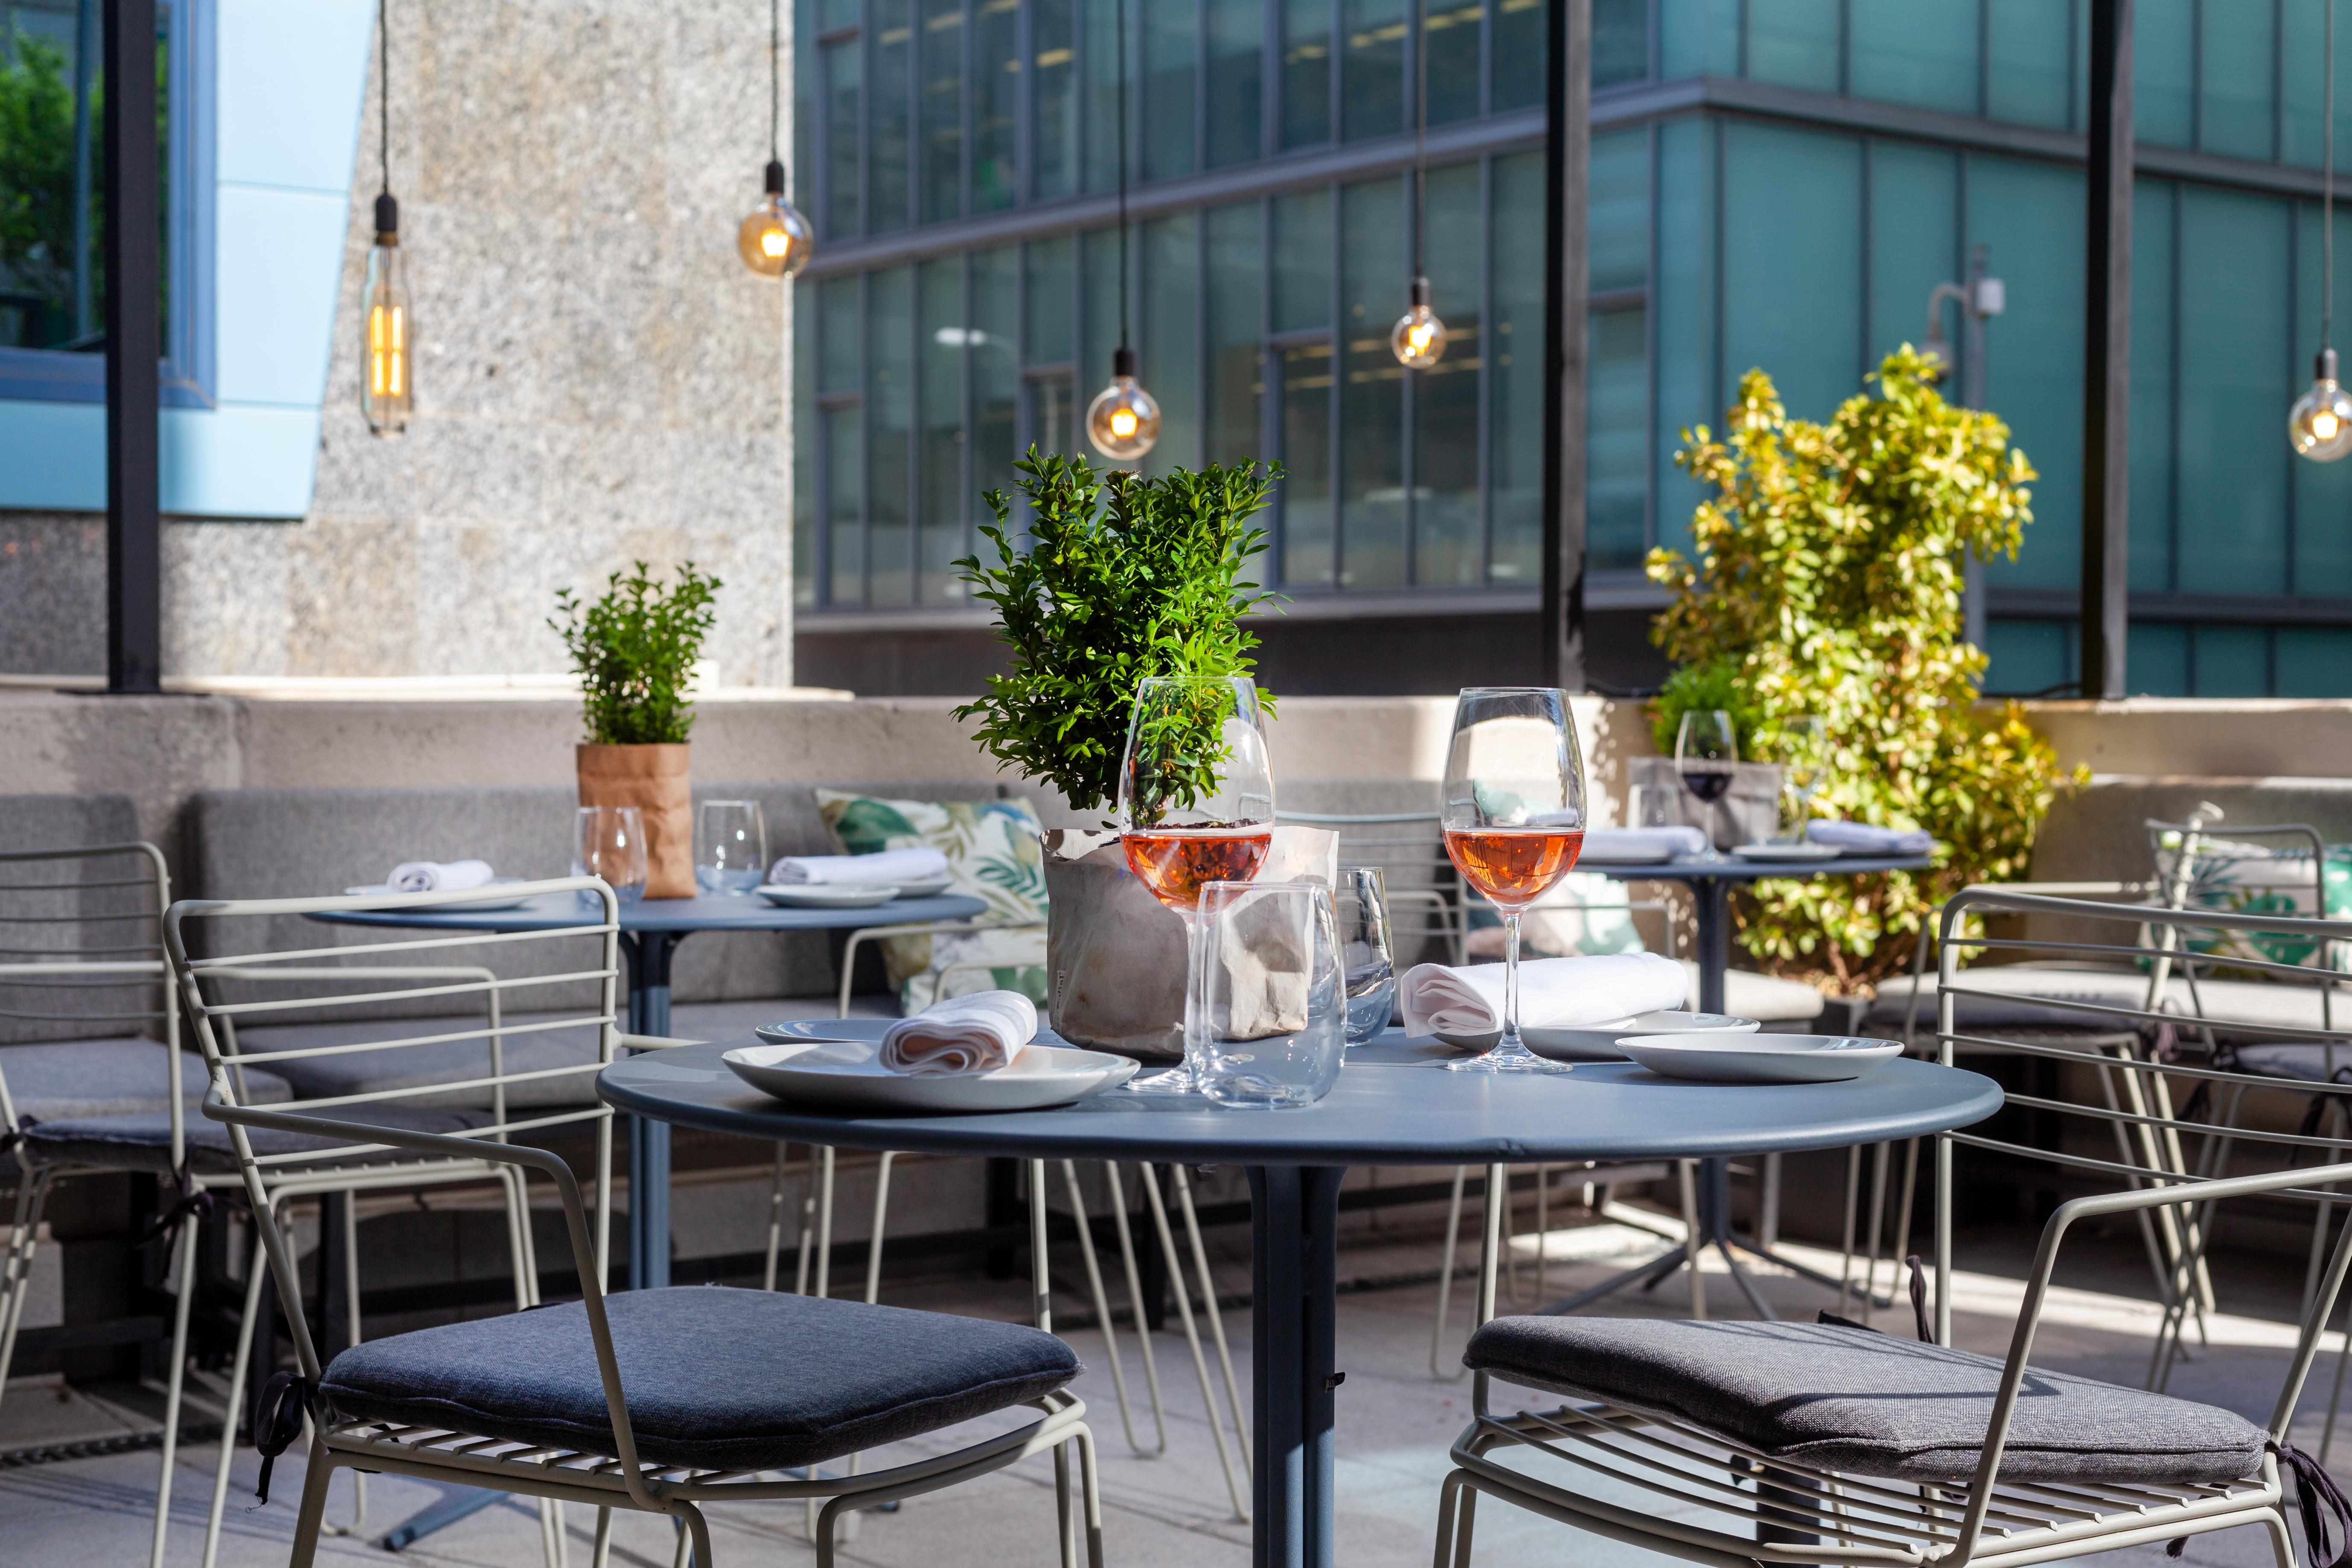 Restaurante Popa terraza - Restaurante Chamartin